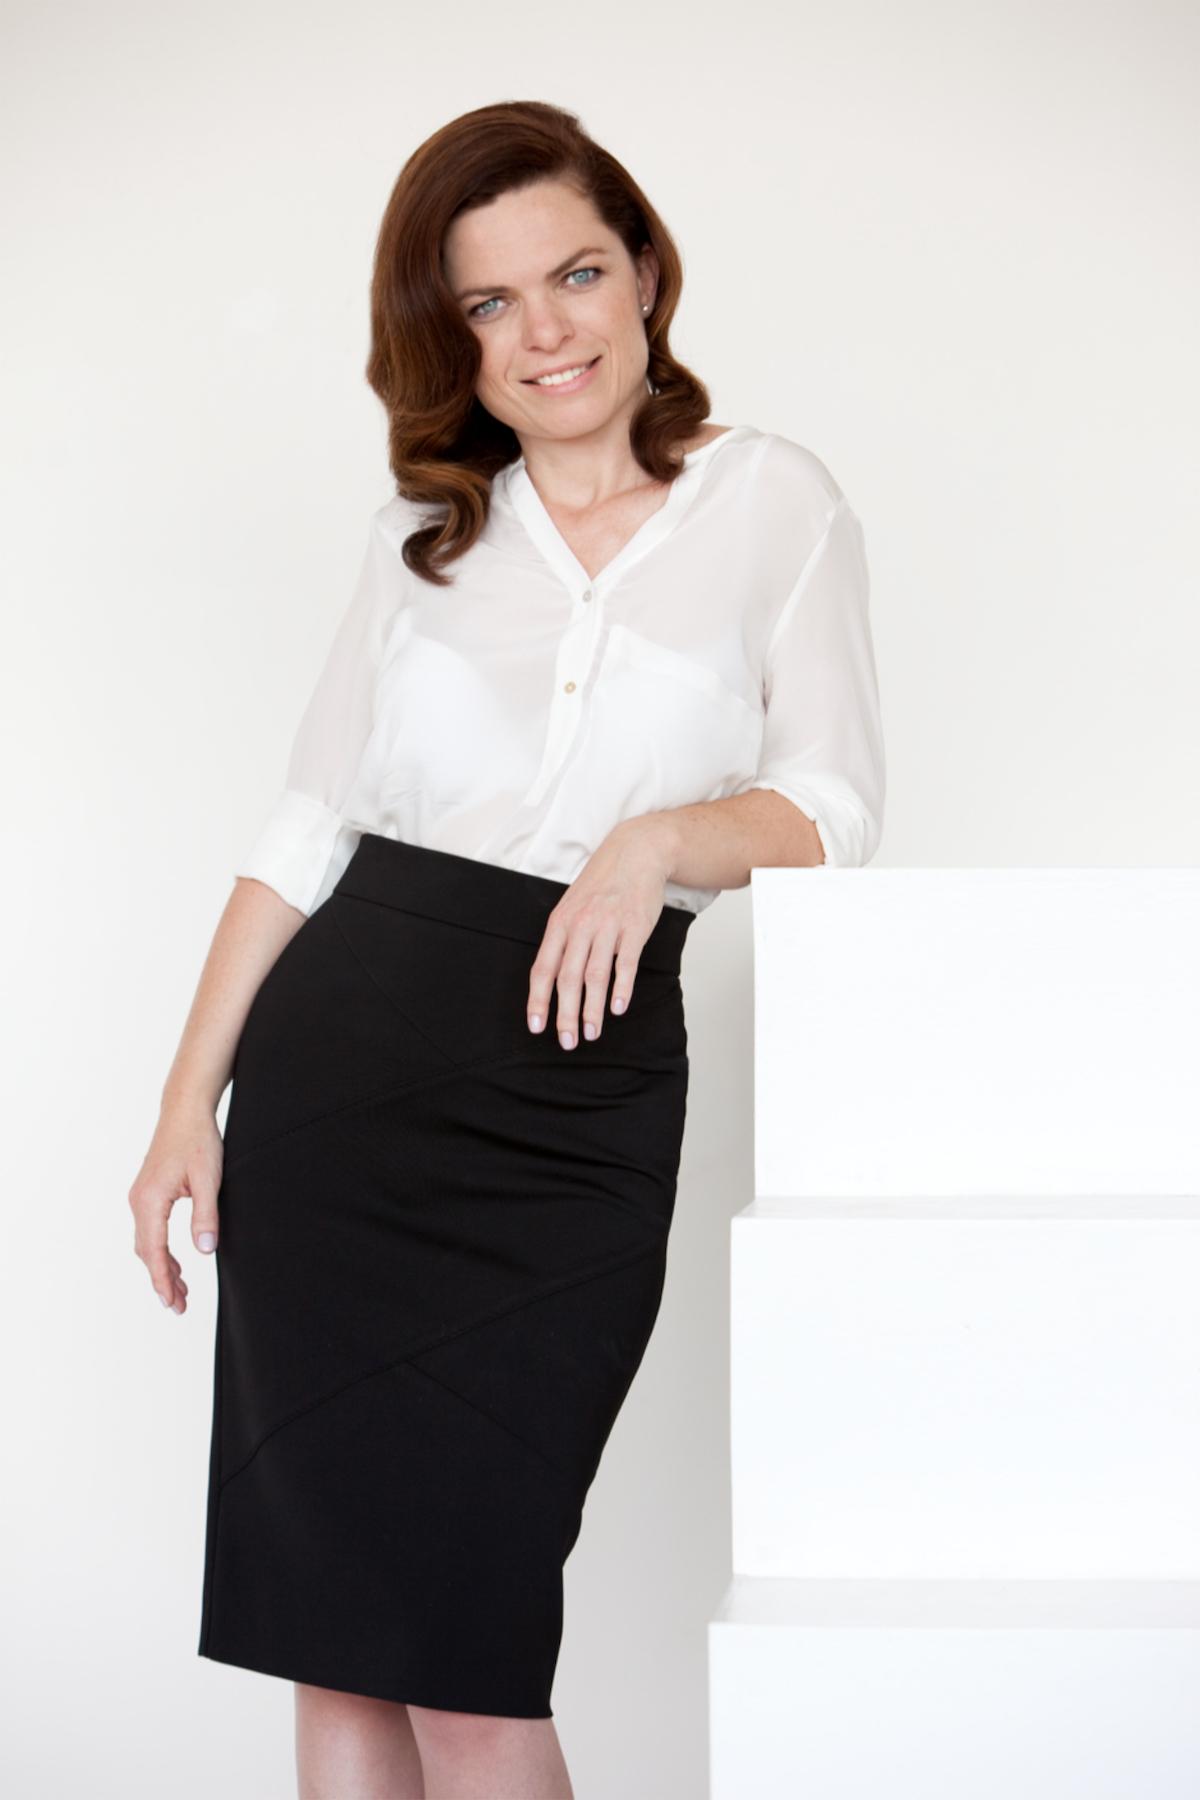 Hana Bosch